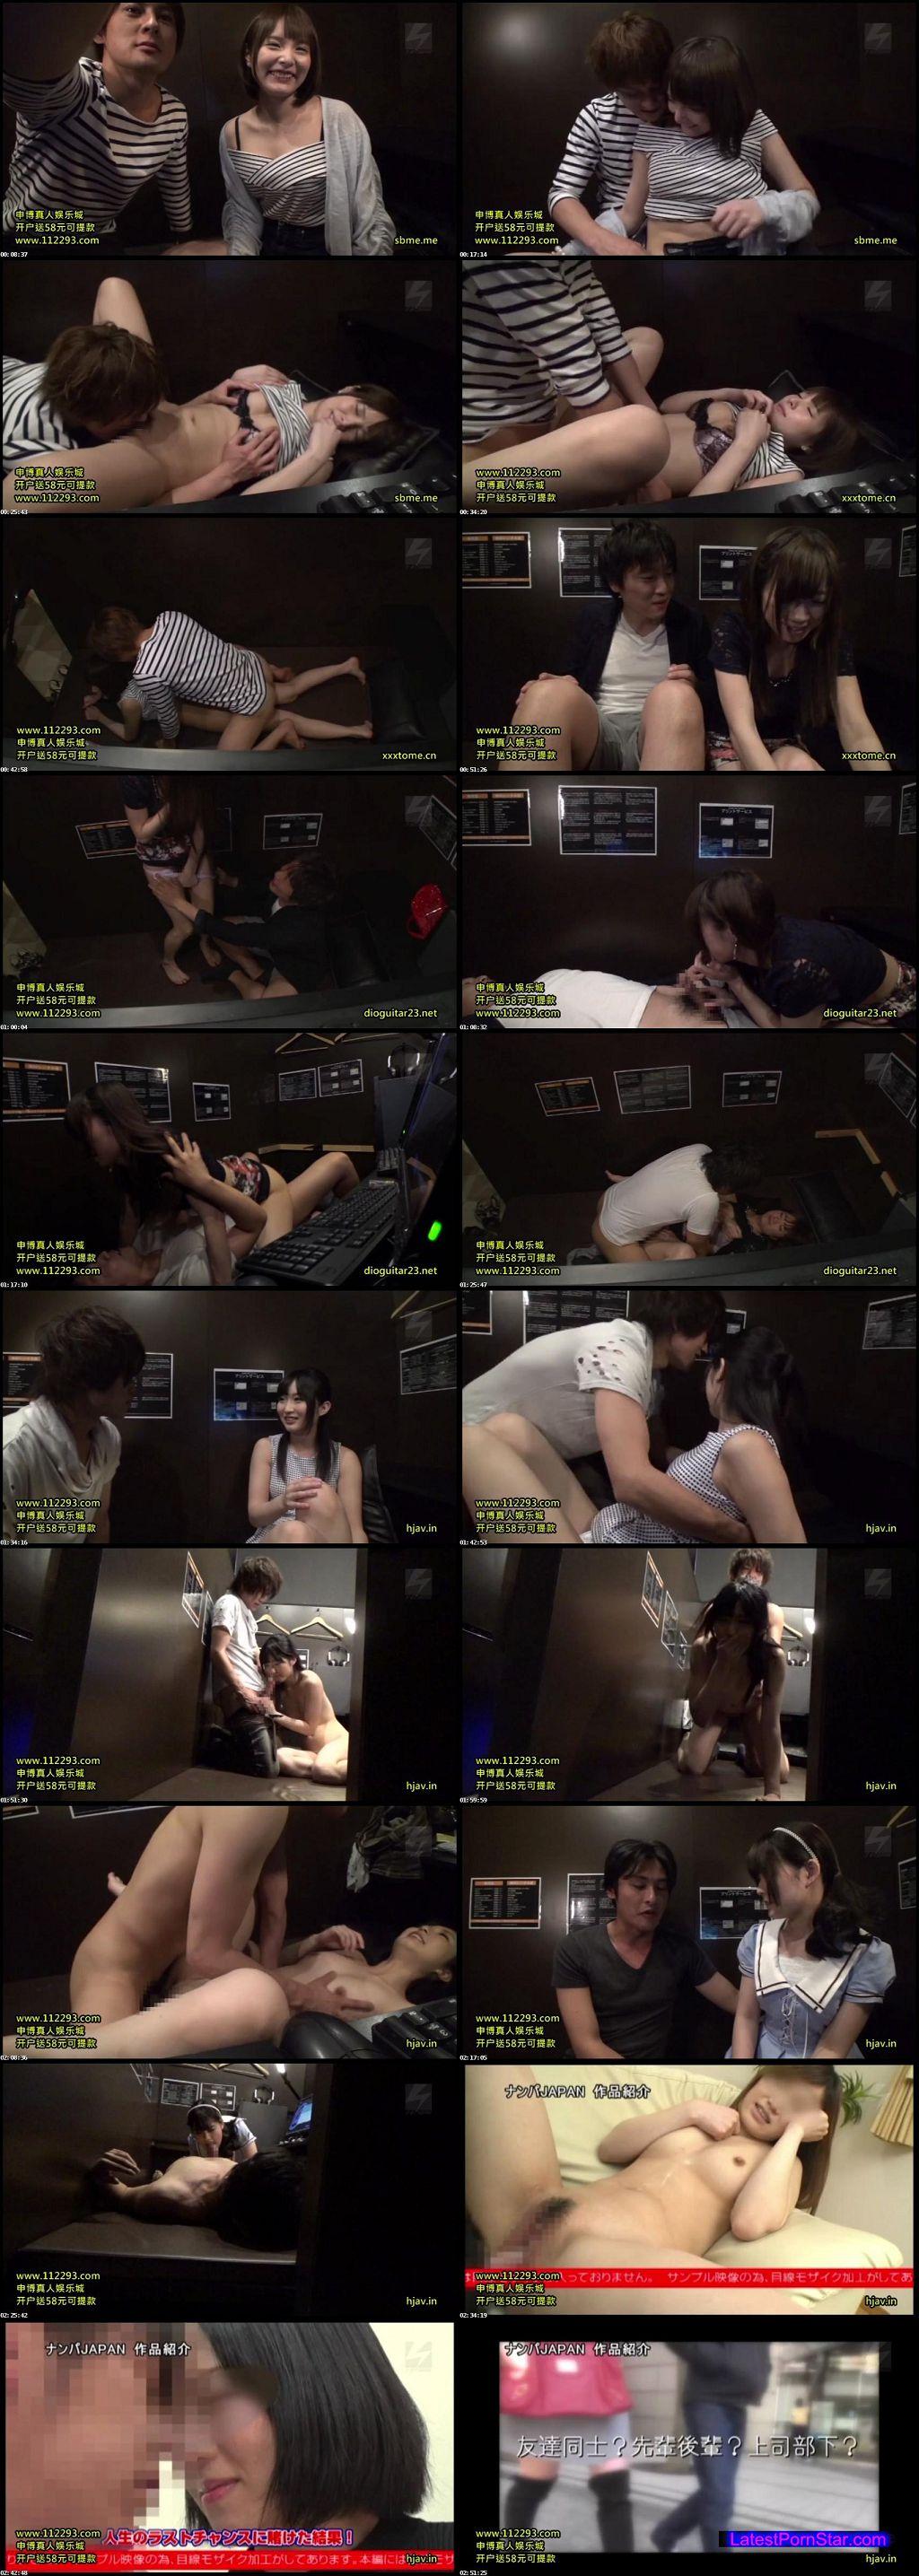 [NNPJ-101] 渋谷ネットカフェ隠し撮りナンパ 時間を持て余した若くて可愛い素人娘を声も出せない、逃げ場もない個室空間を利用してフェラ、SEX、遂にはナマ中出しまでヤッちゃいました!